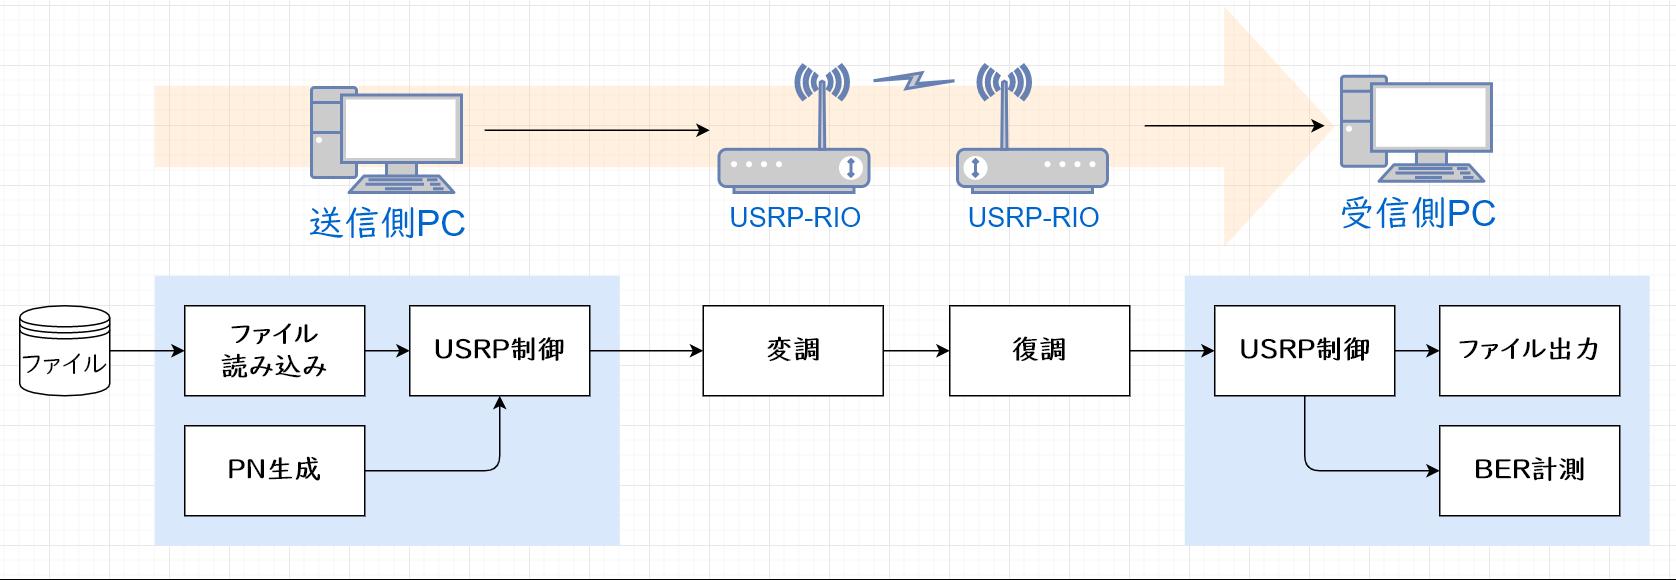 Ethernet over SDR適用前のSDR実験系